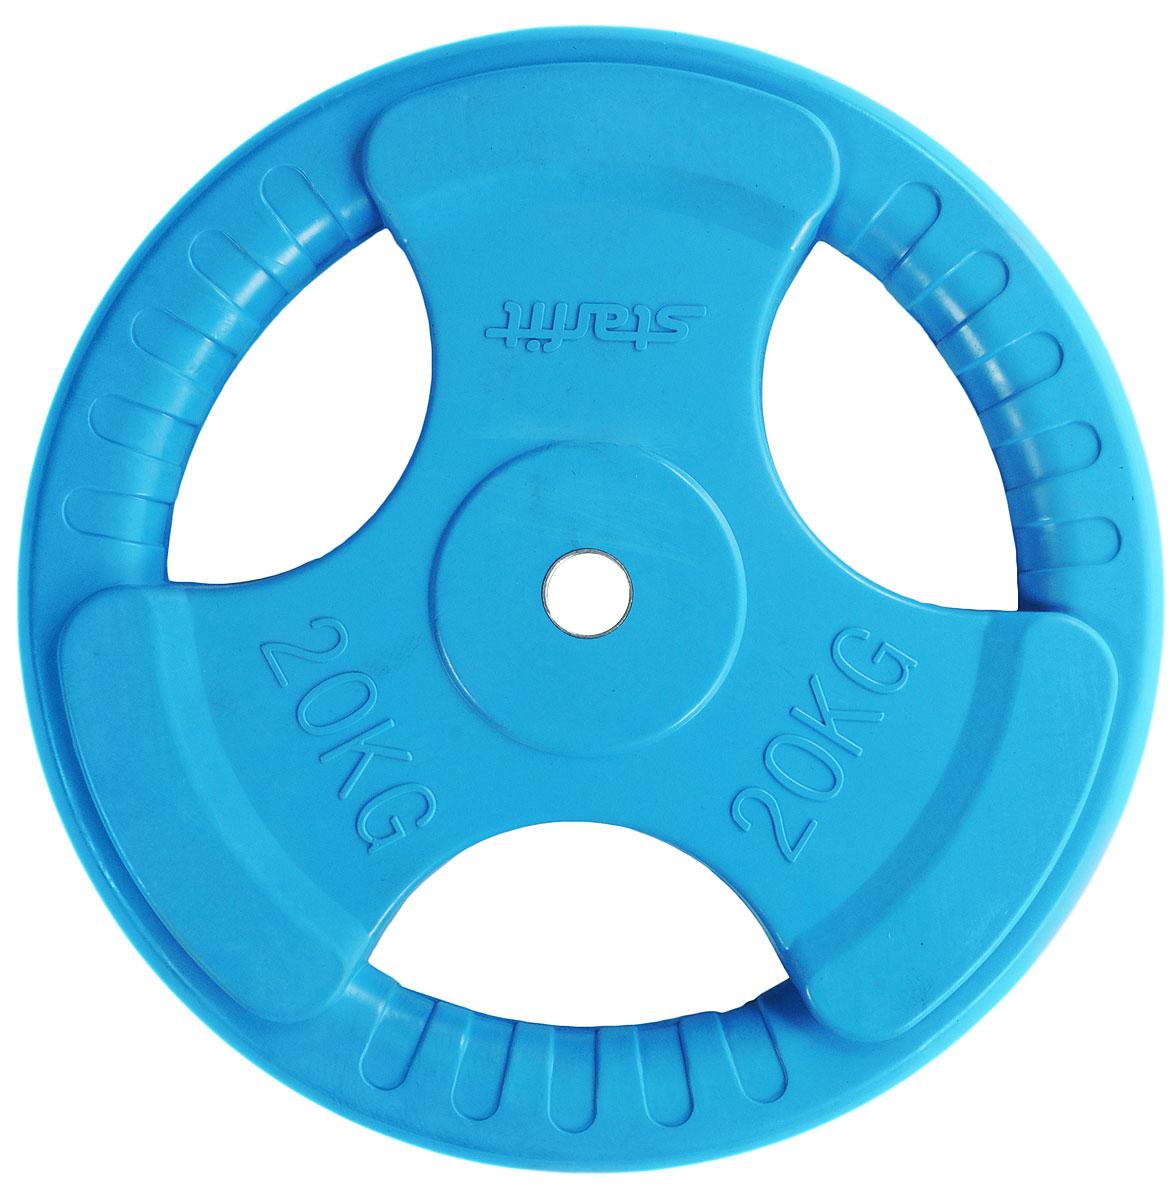 Диск обрезиненный Starfit BB-201, цвет: синий, посадочный диаметр 26 мм, 20 кг эспандер ленточный starfit es 201 цвет серый 1200 х 150 х 0 55 мм